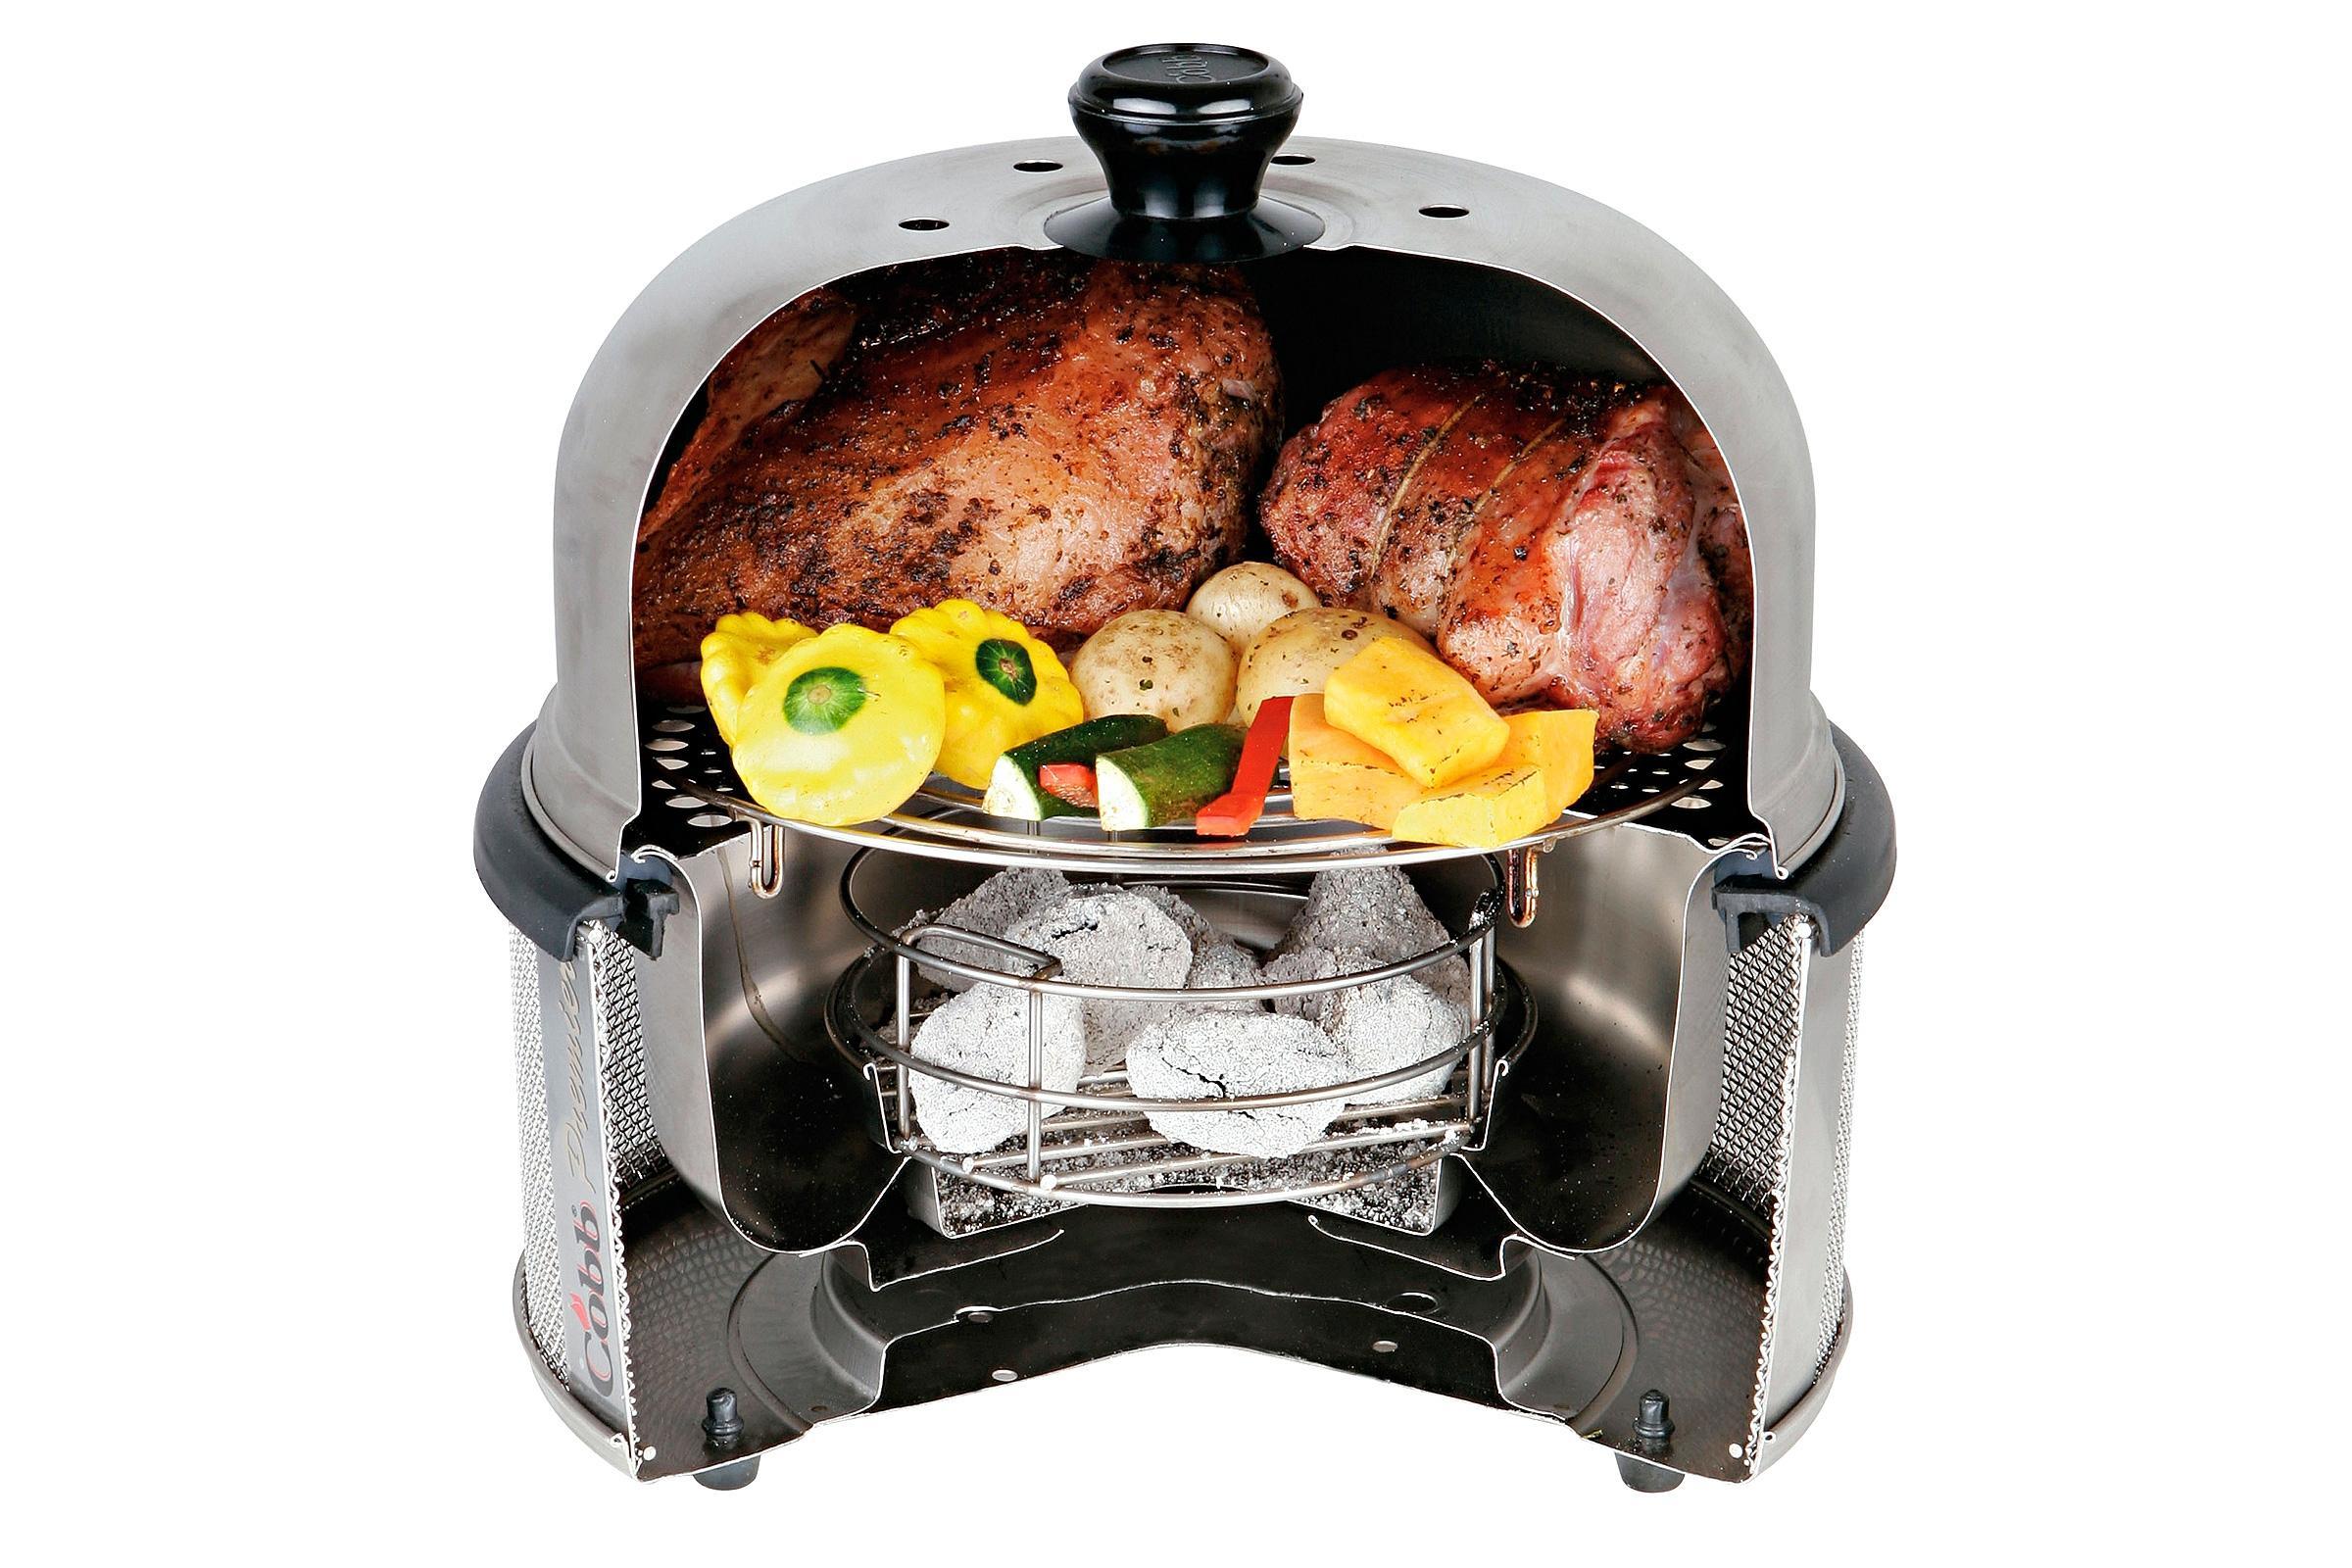 Grily COBB pro grilování, vaření i pečení, příslušenství, rošt, pánev